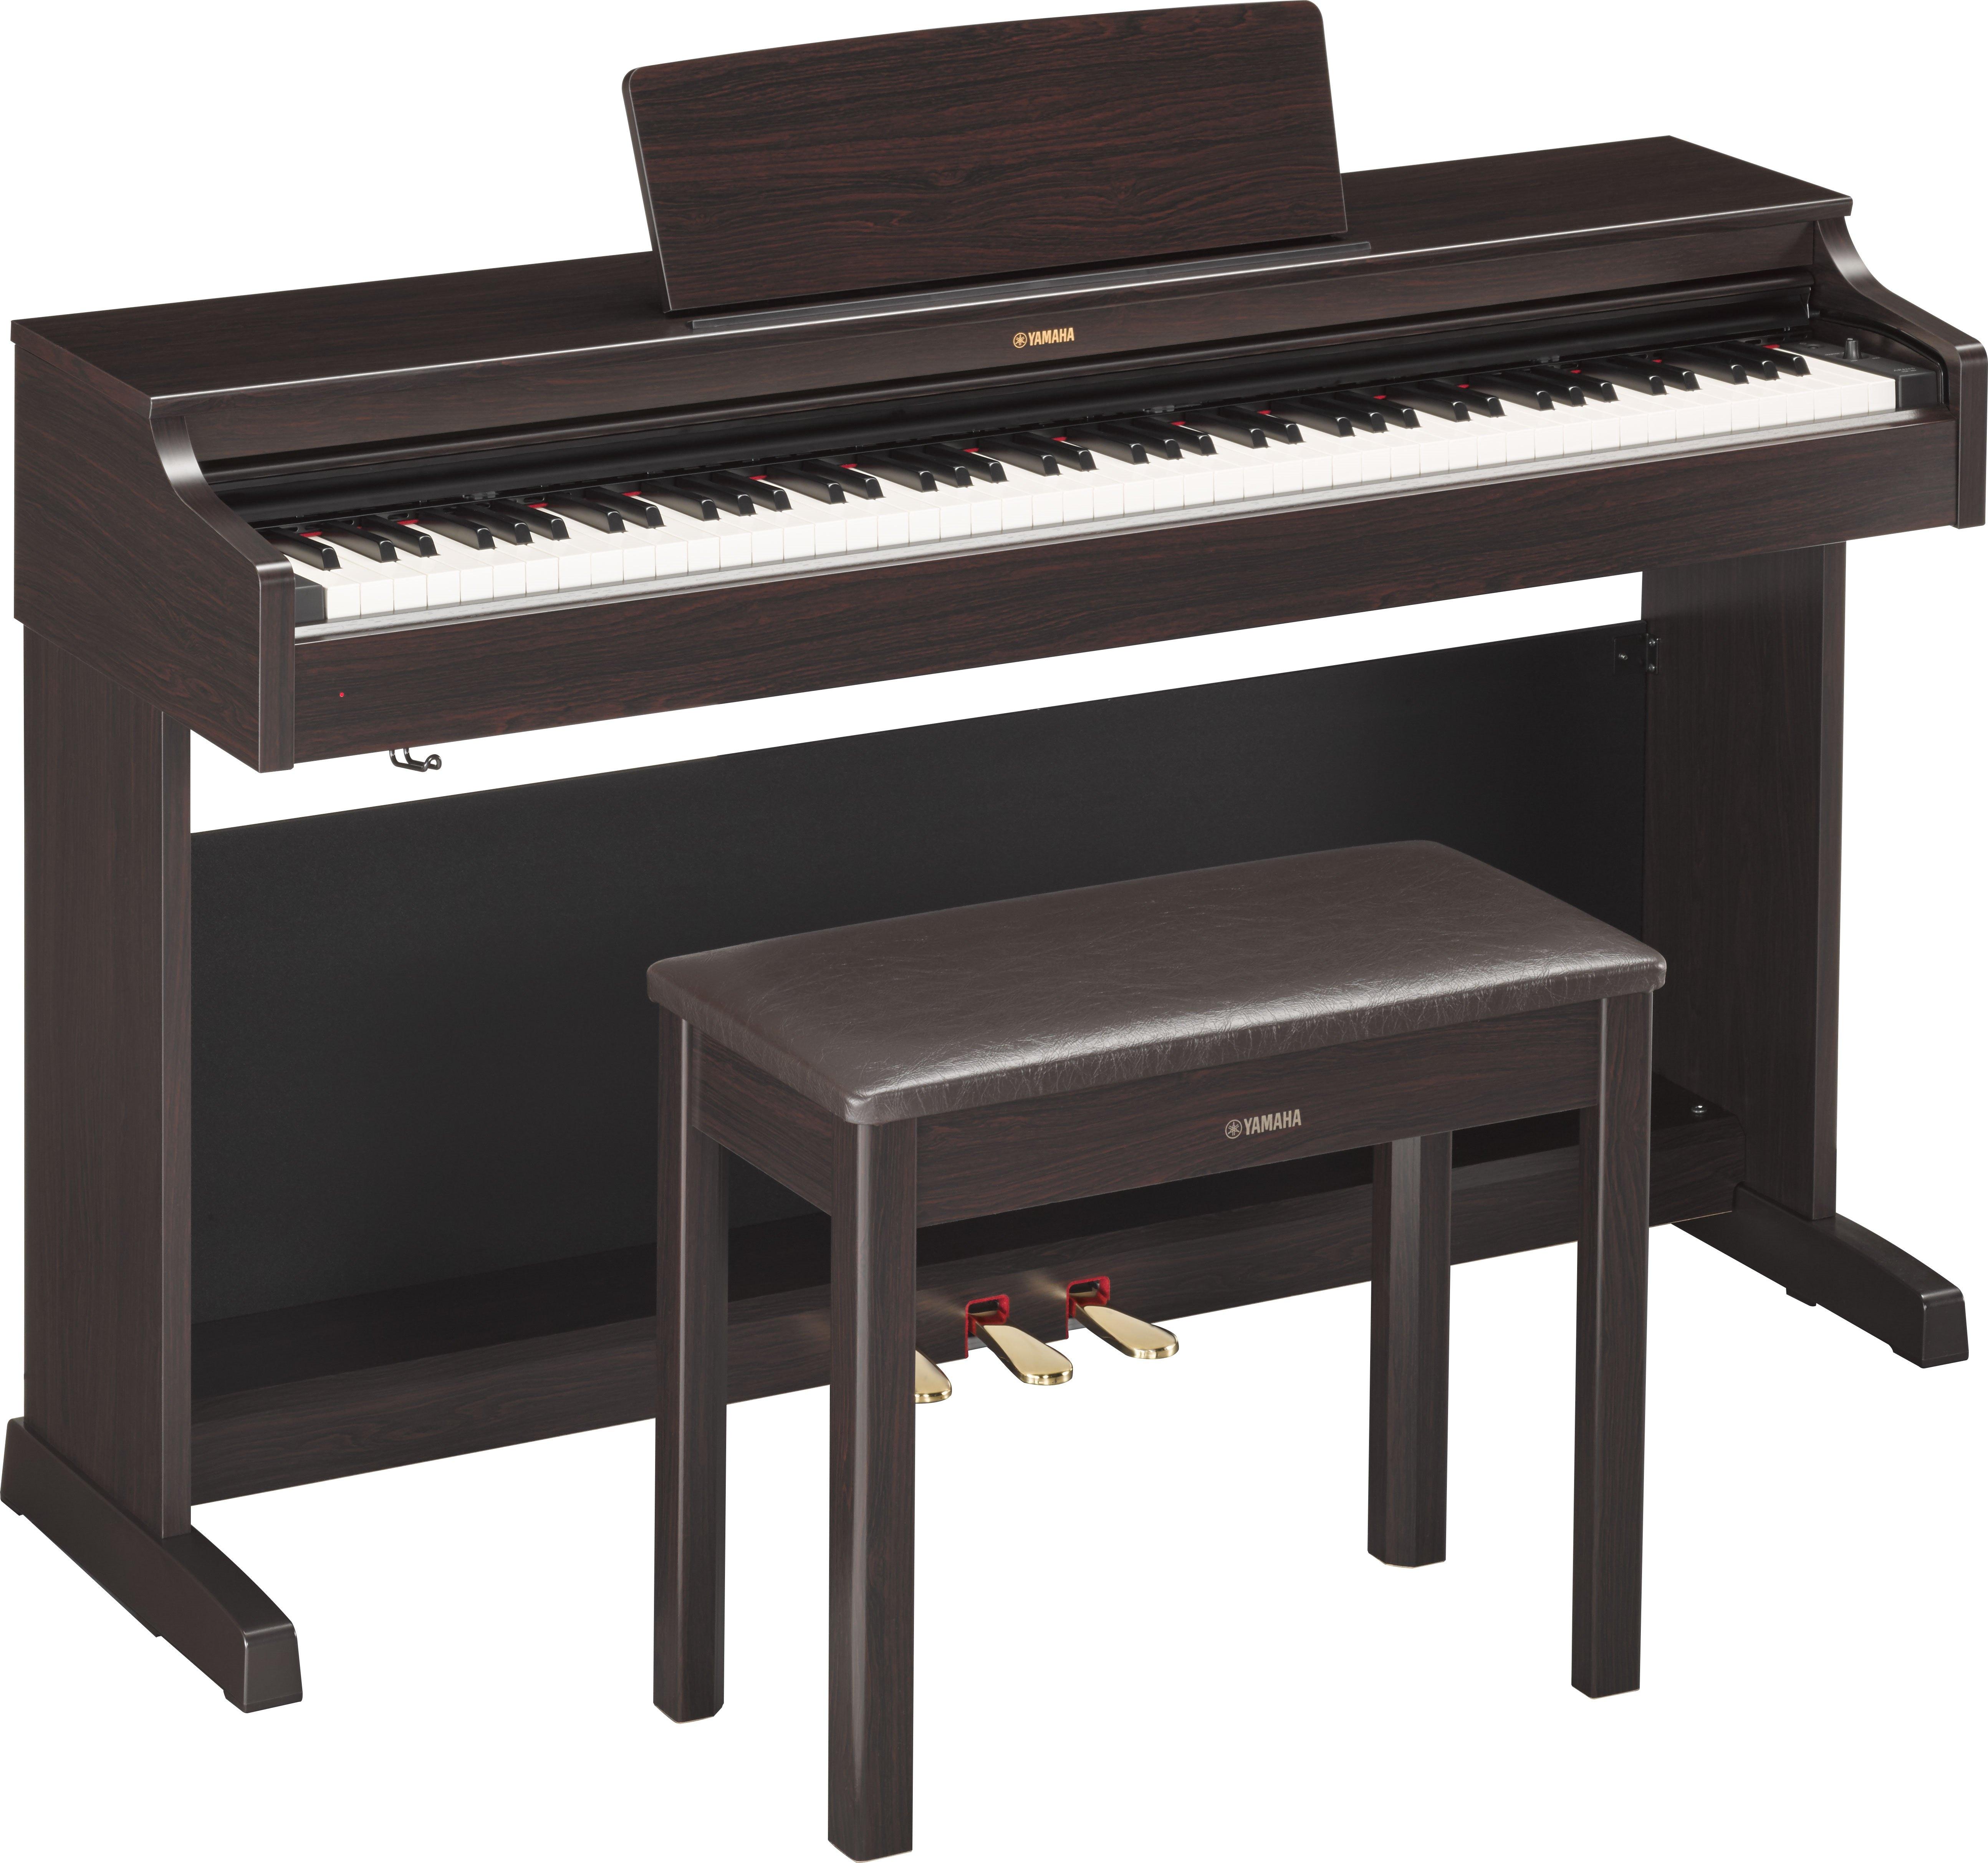 ydp 163 downloads yamaha united states rh usa yamaha com yamaha piano p 85 manual yamaha piano p 140 manual